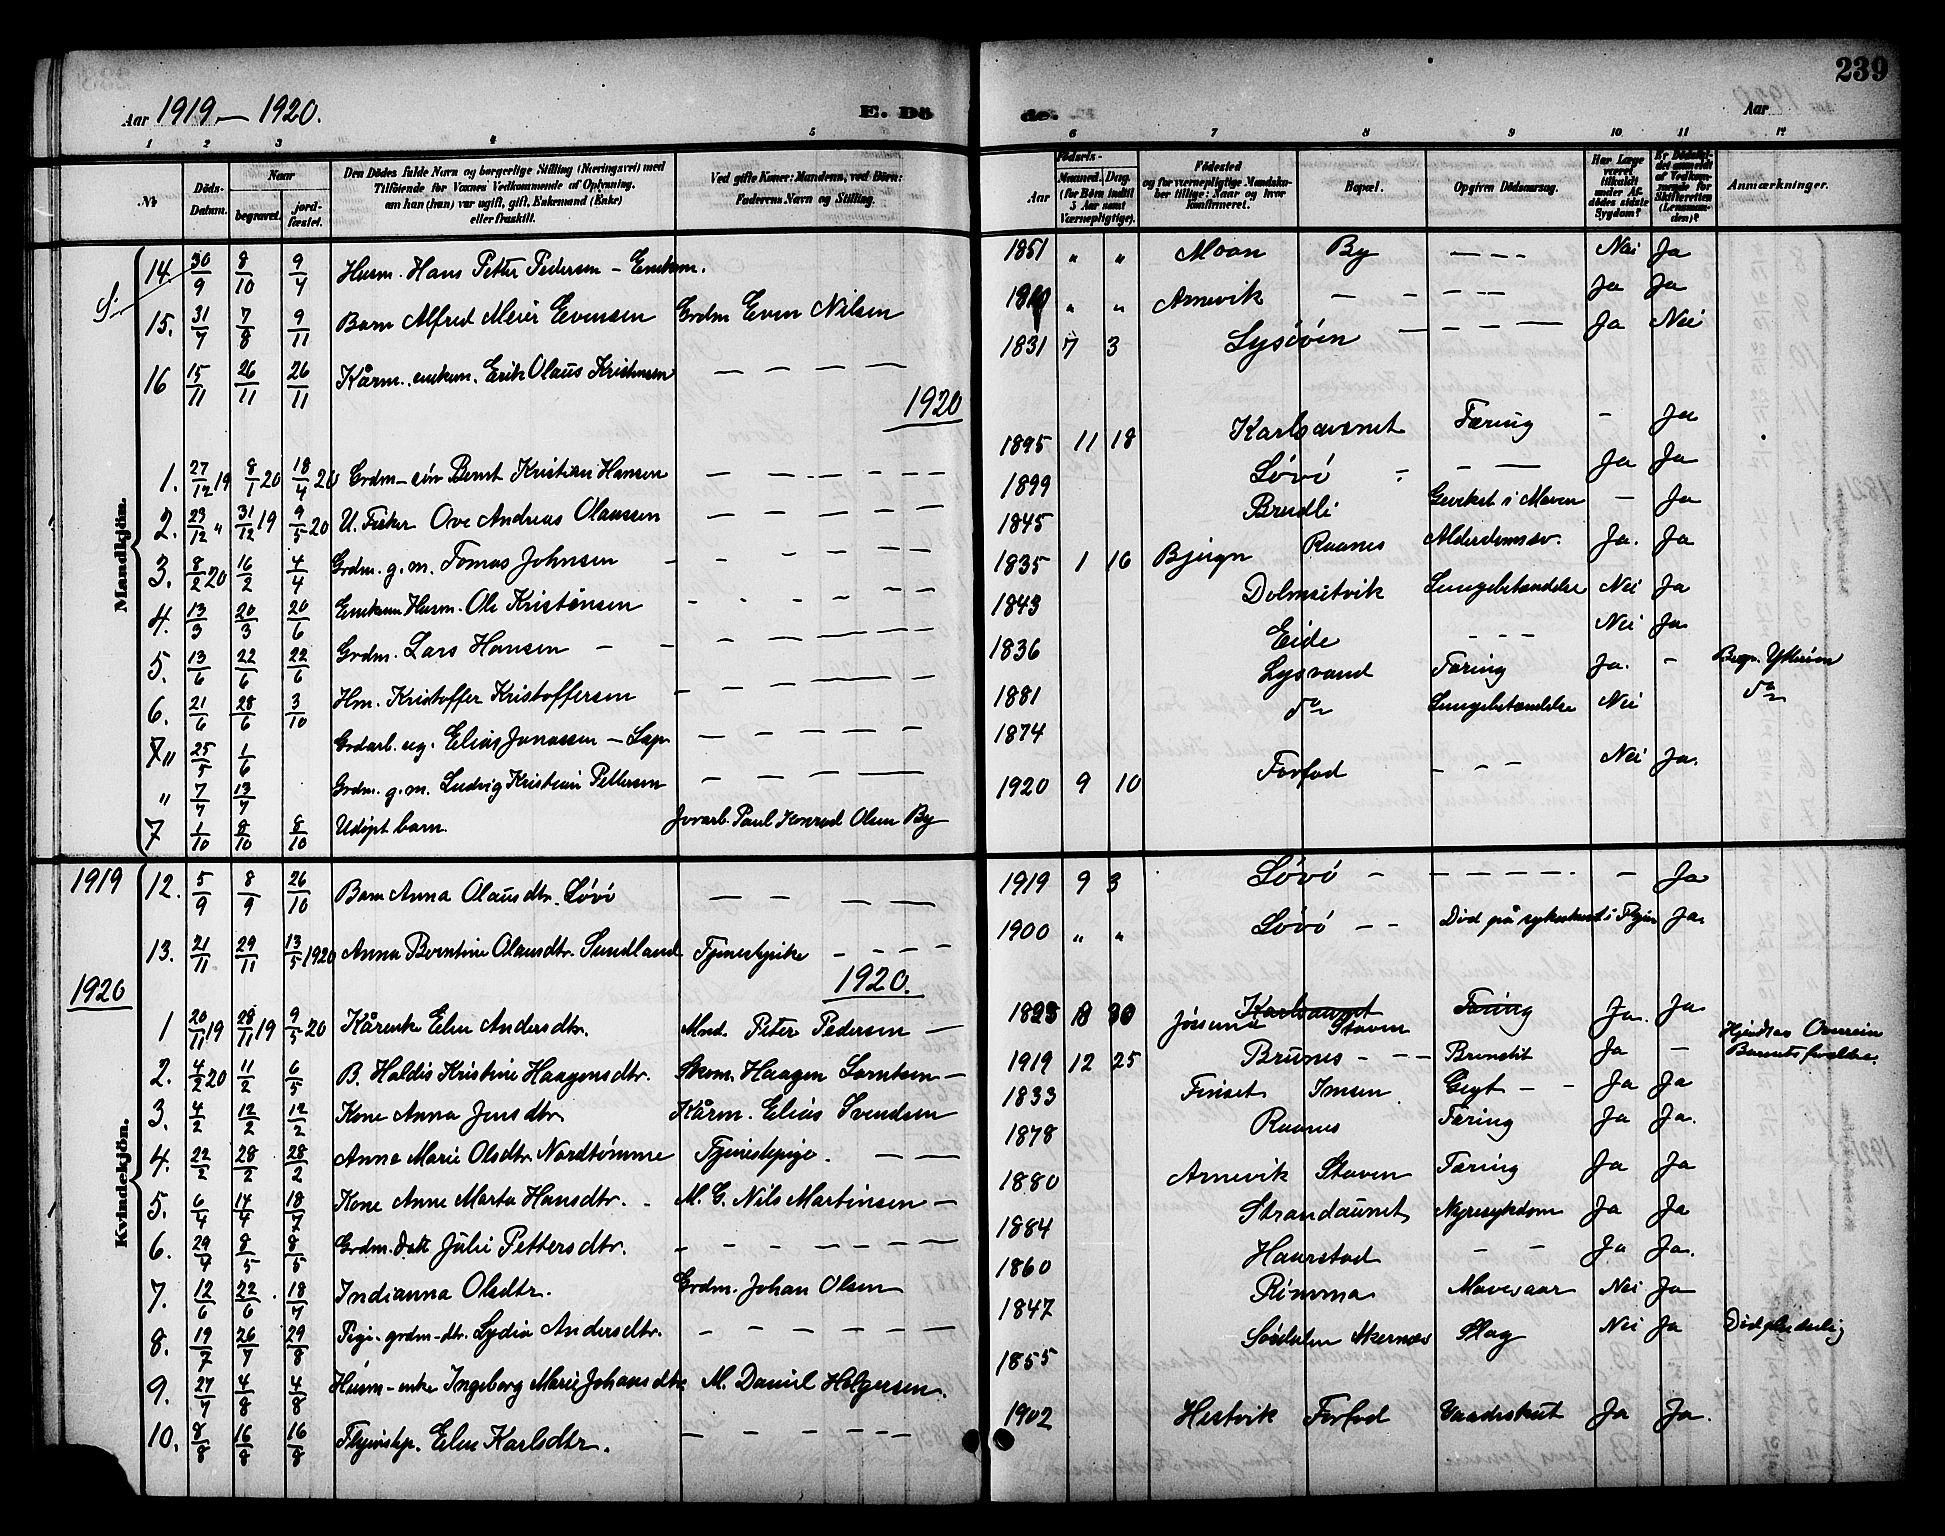 SAT, Ministerialprotokoller, klokkerbøker og fødselsregistre - Sør-Trøndelag, 655/L0688: Klokkerbok nr. 655C04, 1899-1922, s. 239